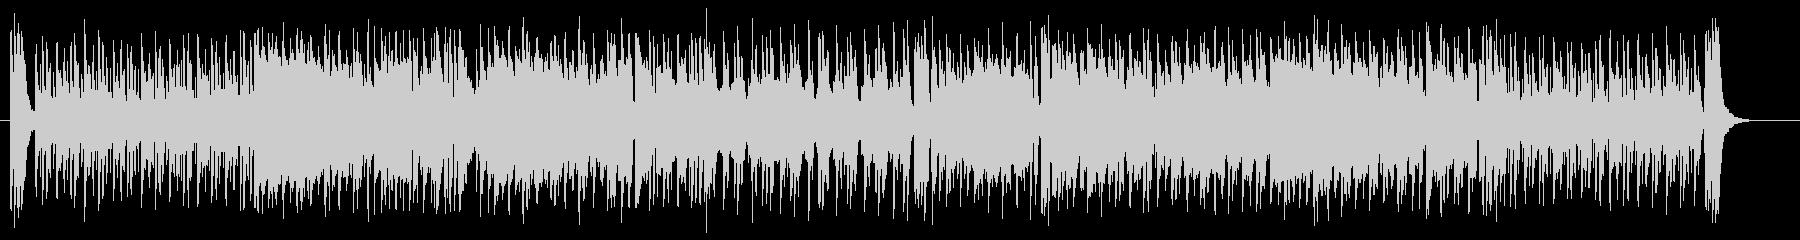 ムーディで華麗なジャズ系サウンドの未再生の波形